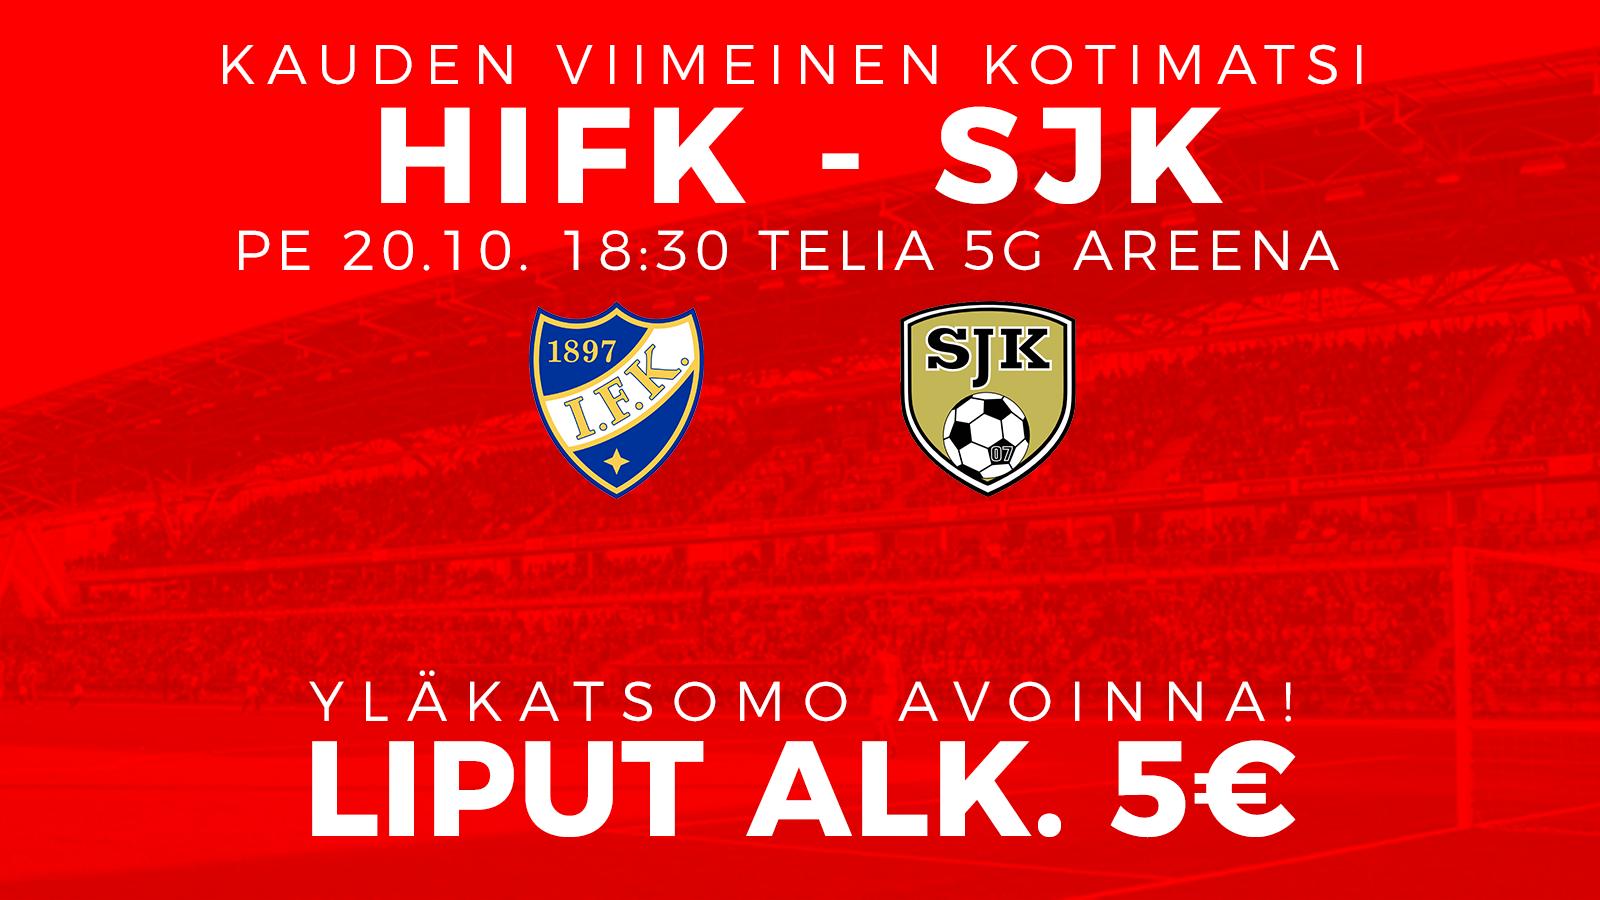 HIFK-SJK perjantaina – liput alkaen 5€/10€